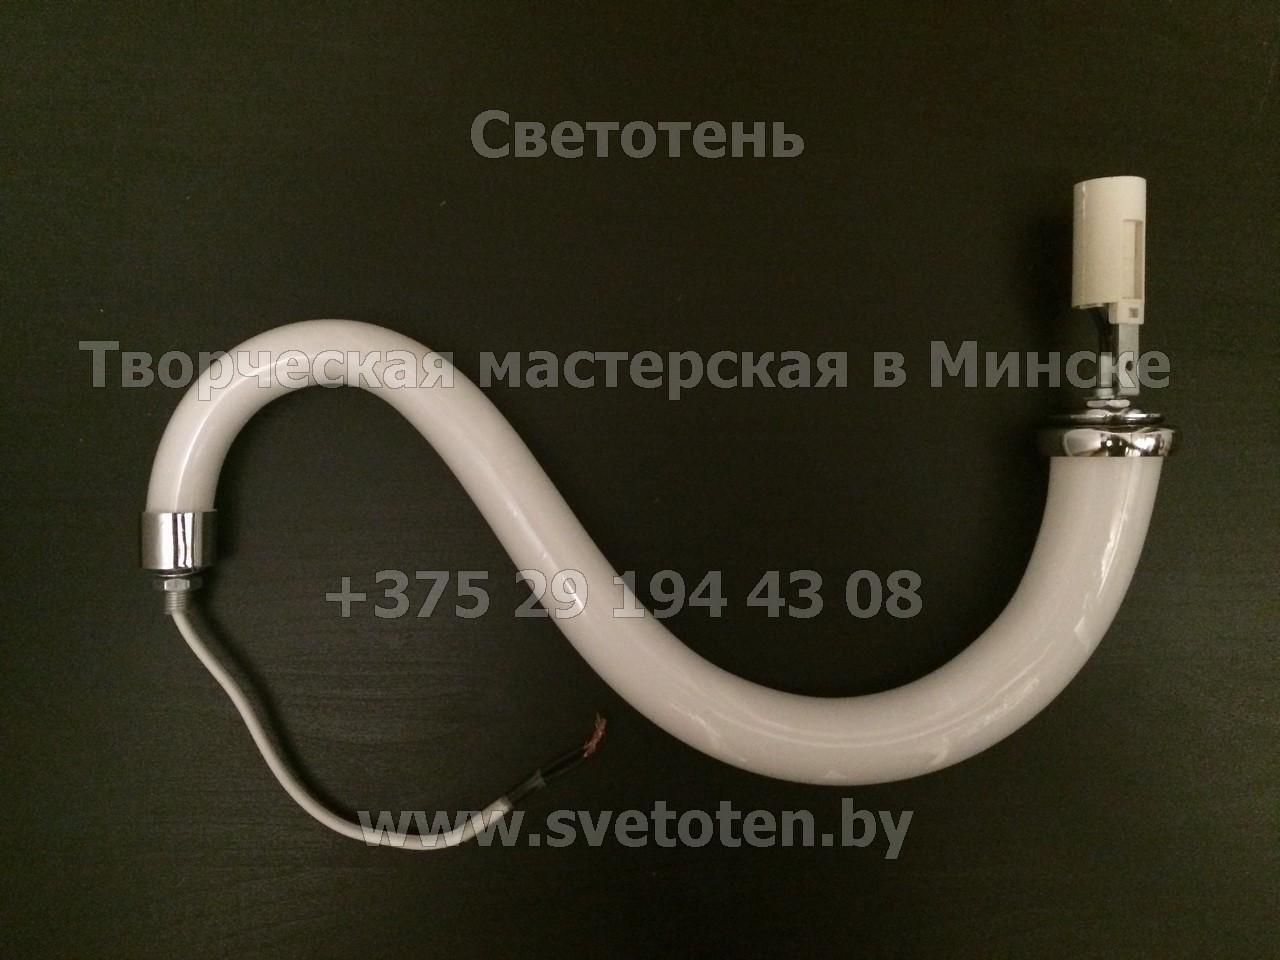 Бра Интернет магазин люстр, светильников Санкт-Петербург